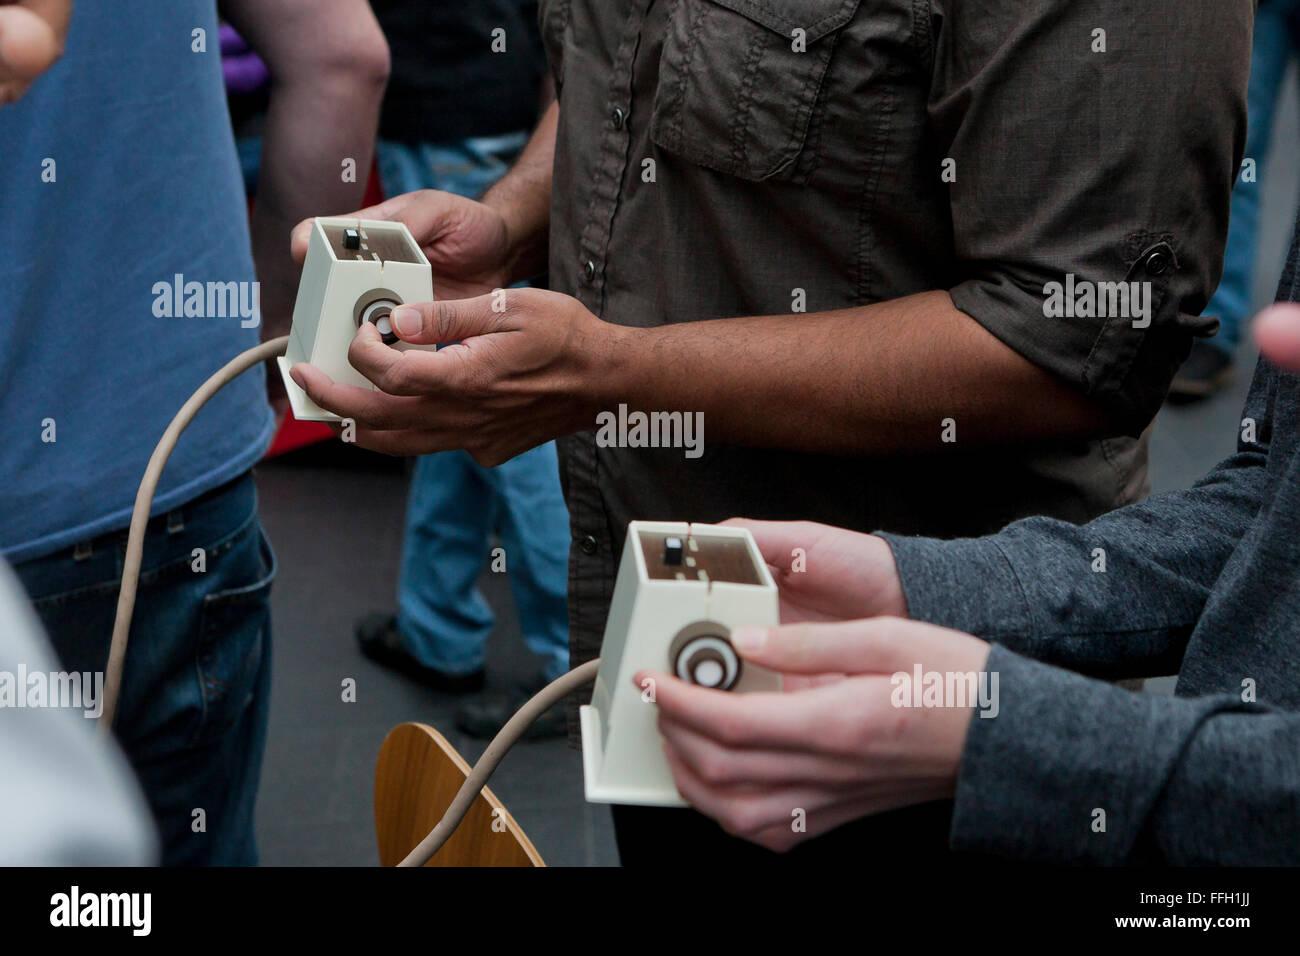 Men playing video game using vintage game controller - USA - Stock Image